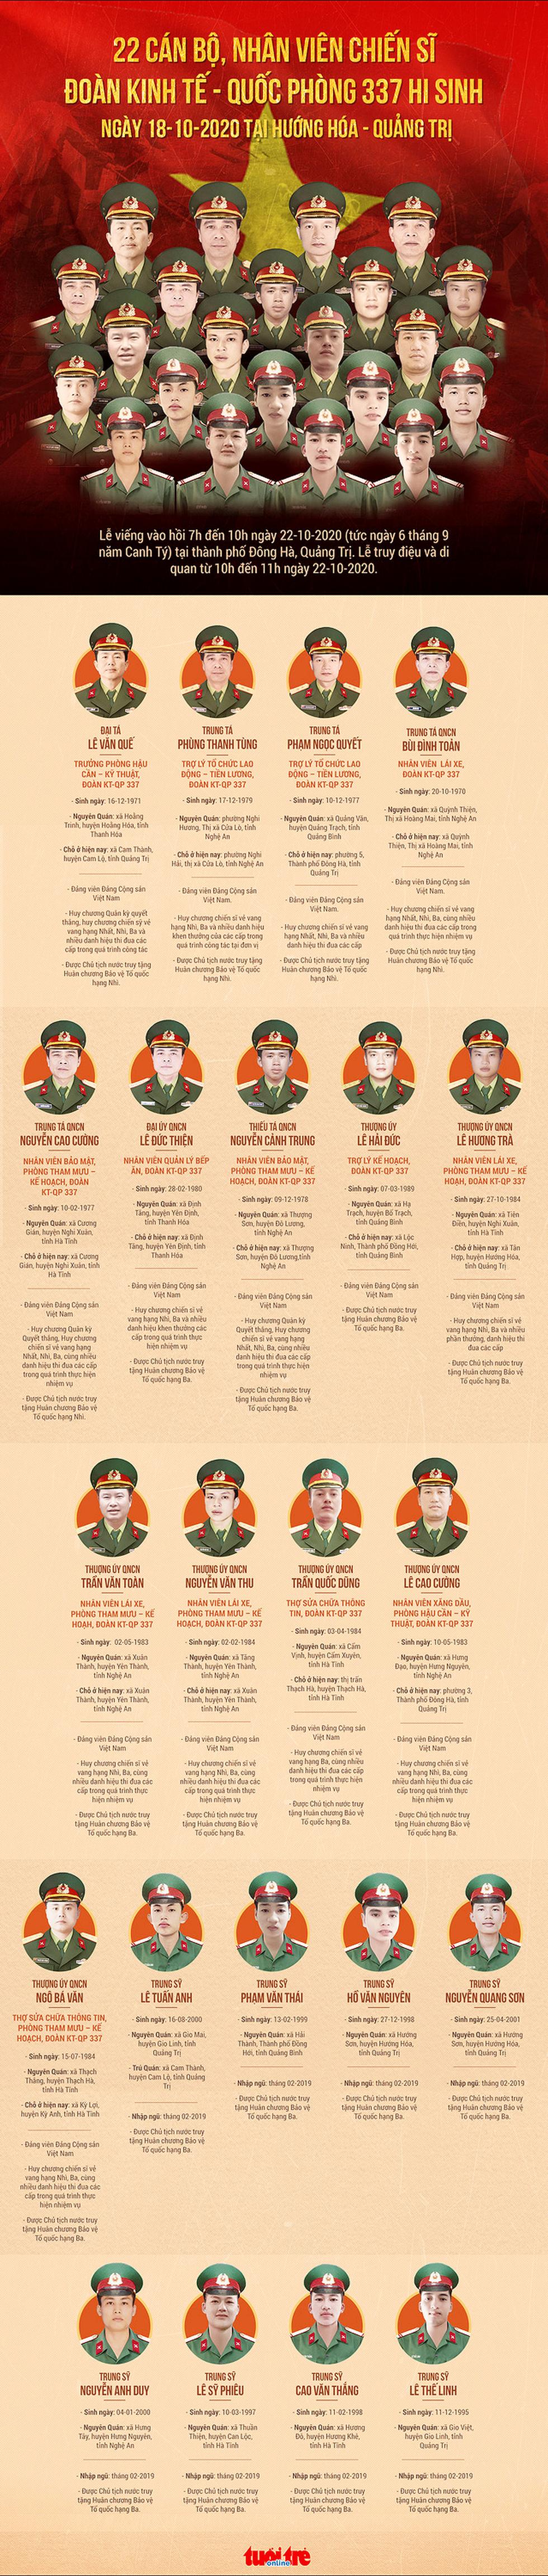 Lễ truy điệu 22 chiến sĩ Đoàn Kinh tế quốc phòng 337: Tiễn các anh về với quê nhà - Ảnh 28.